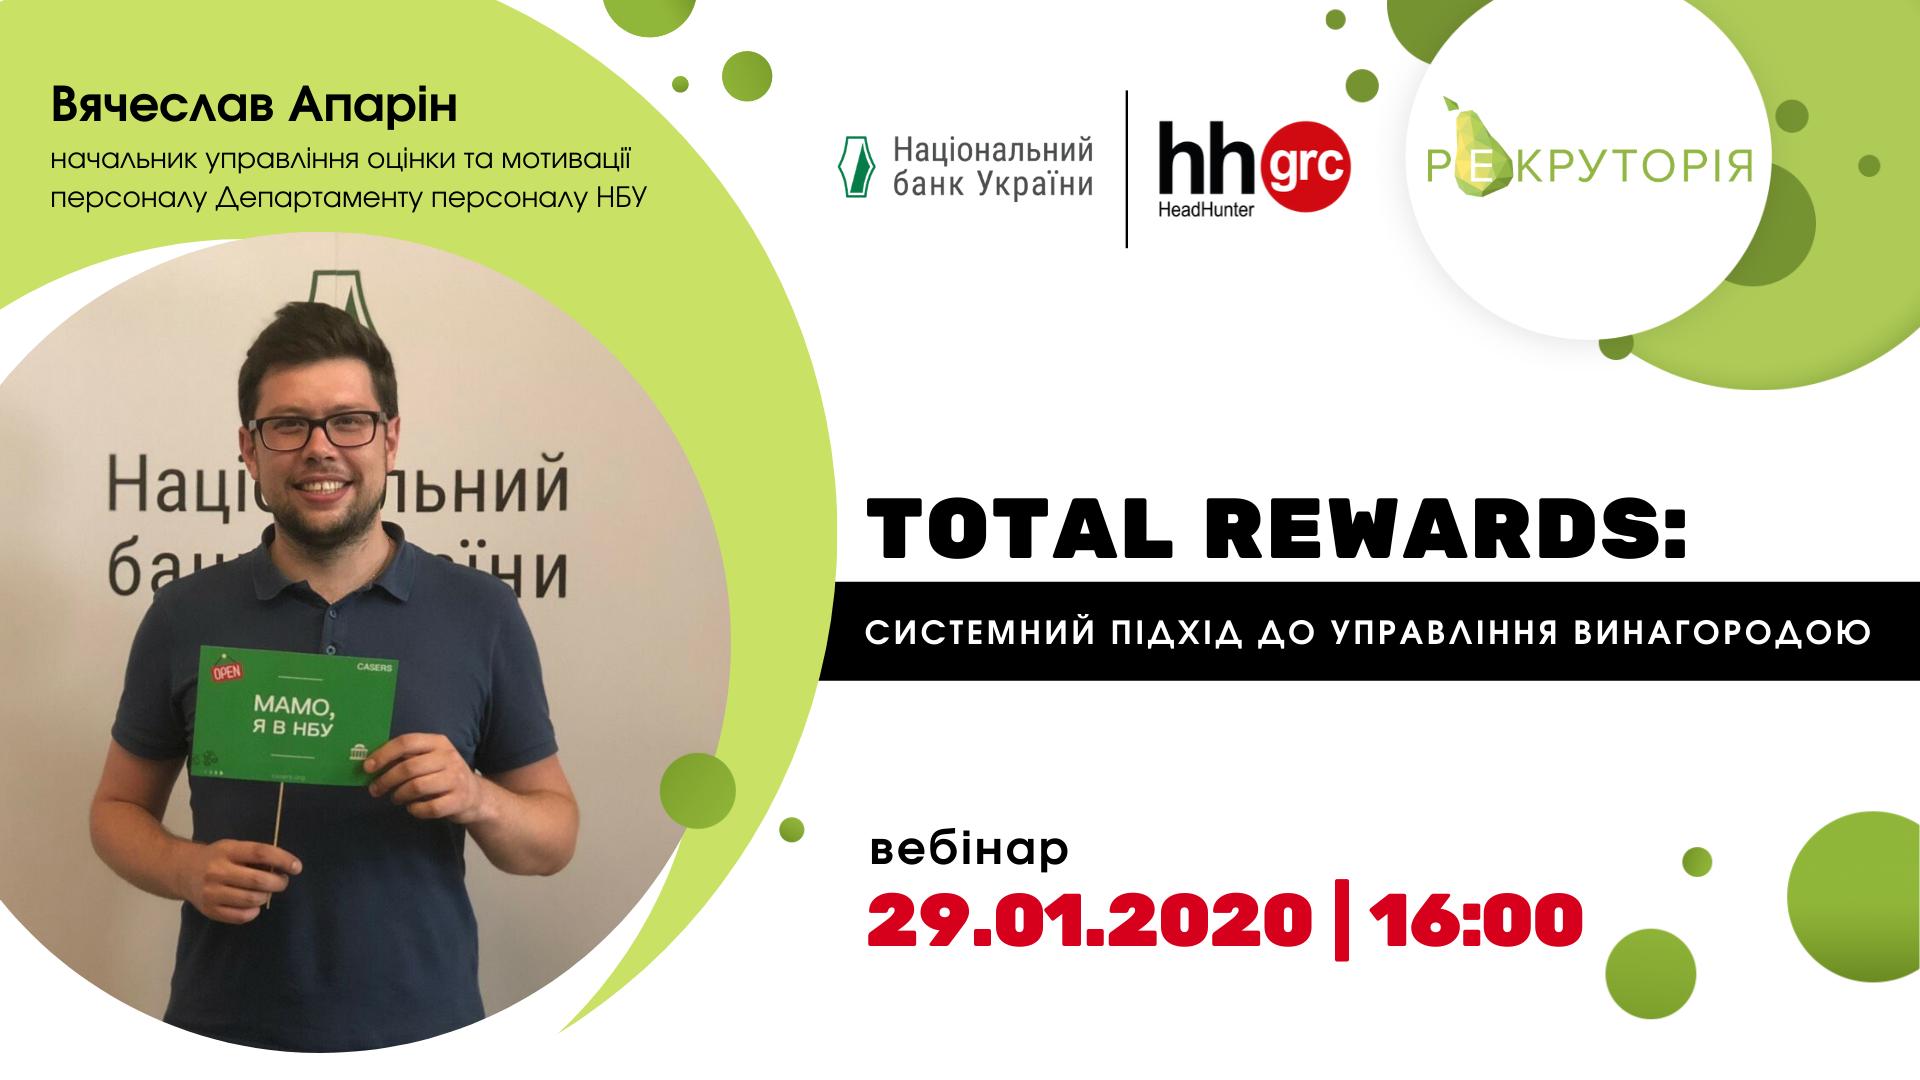 РЕКРУТОРІЯ: вебінар «Total Rewards: Системний підхід до управління винагородою» – 29/01/2020